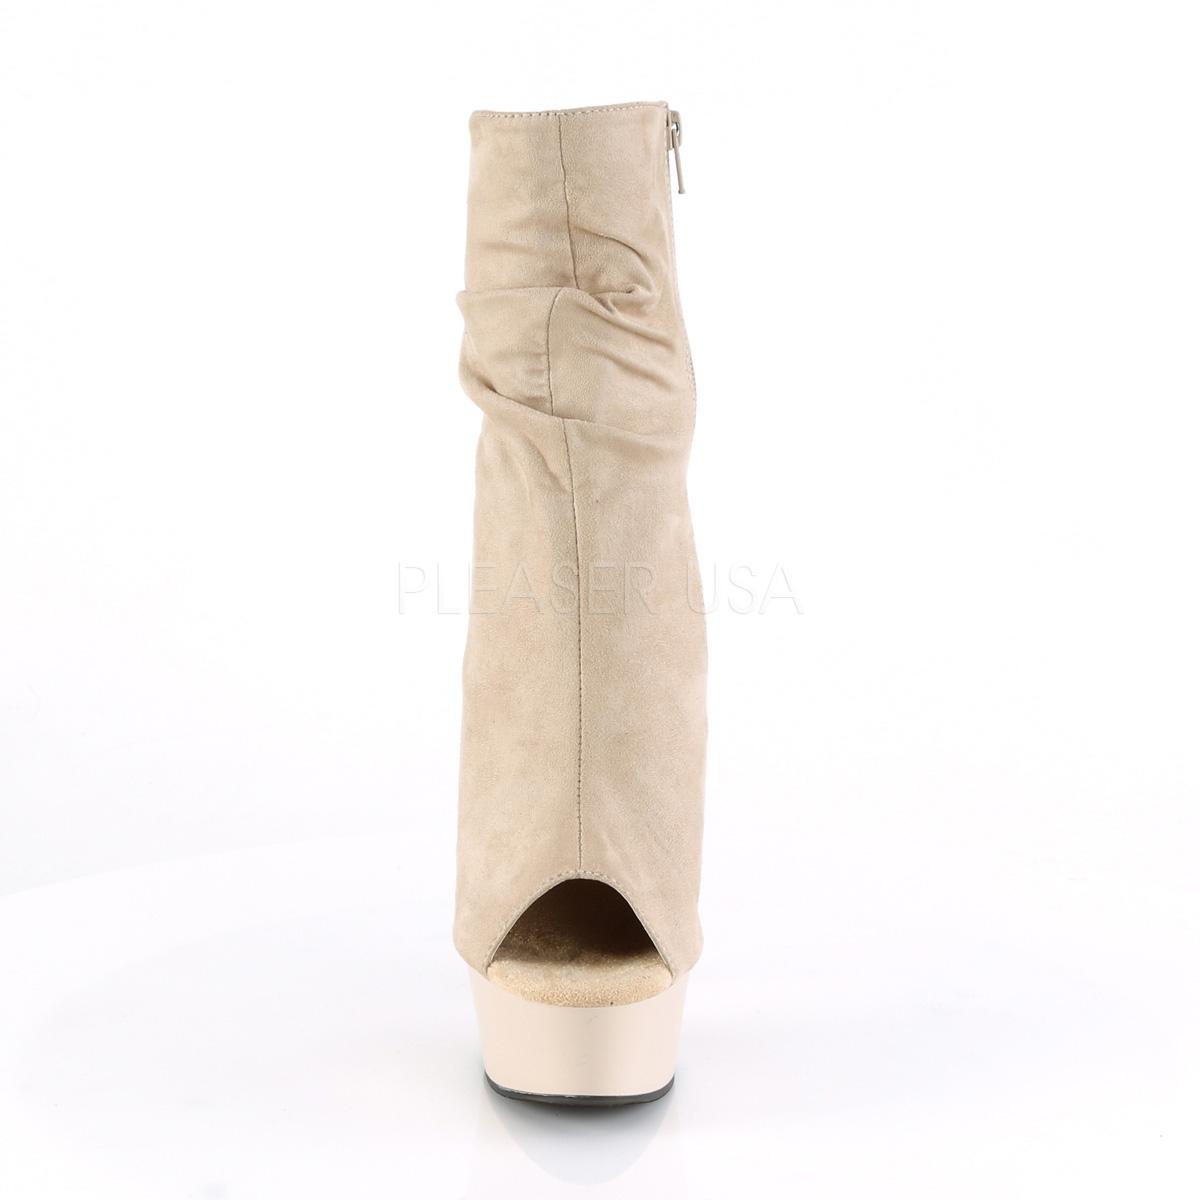 Pleaser(プリーザー) DELIGHT-1031 オープントゥ フェイクスウェード シワ加工アンクルブーツ ショートブーツ サイドジップ ベージュ◆取り寄せ